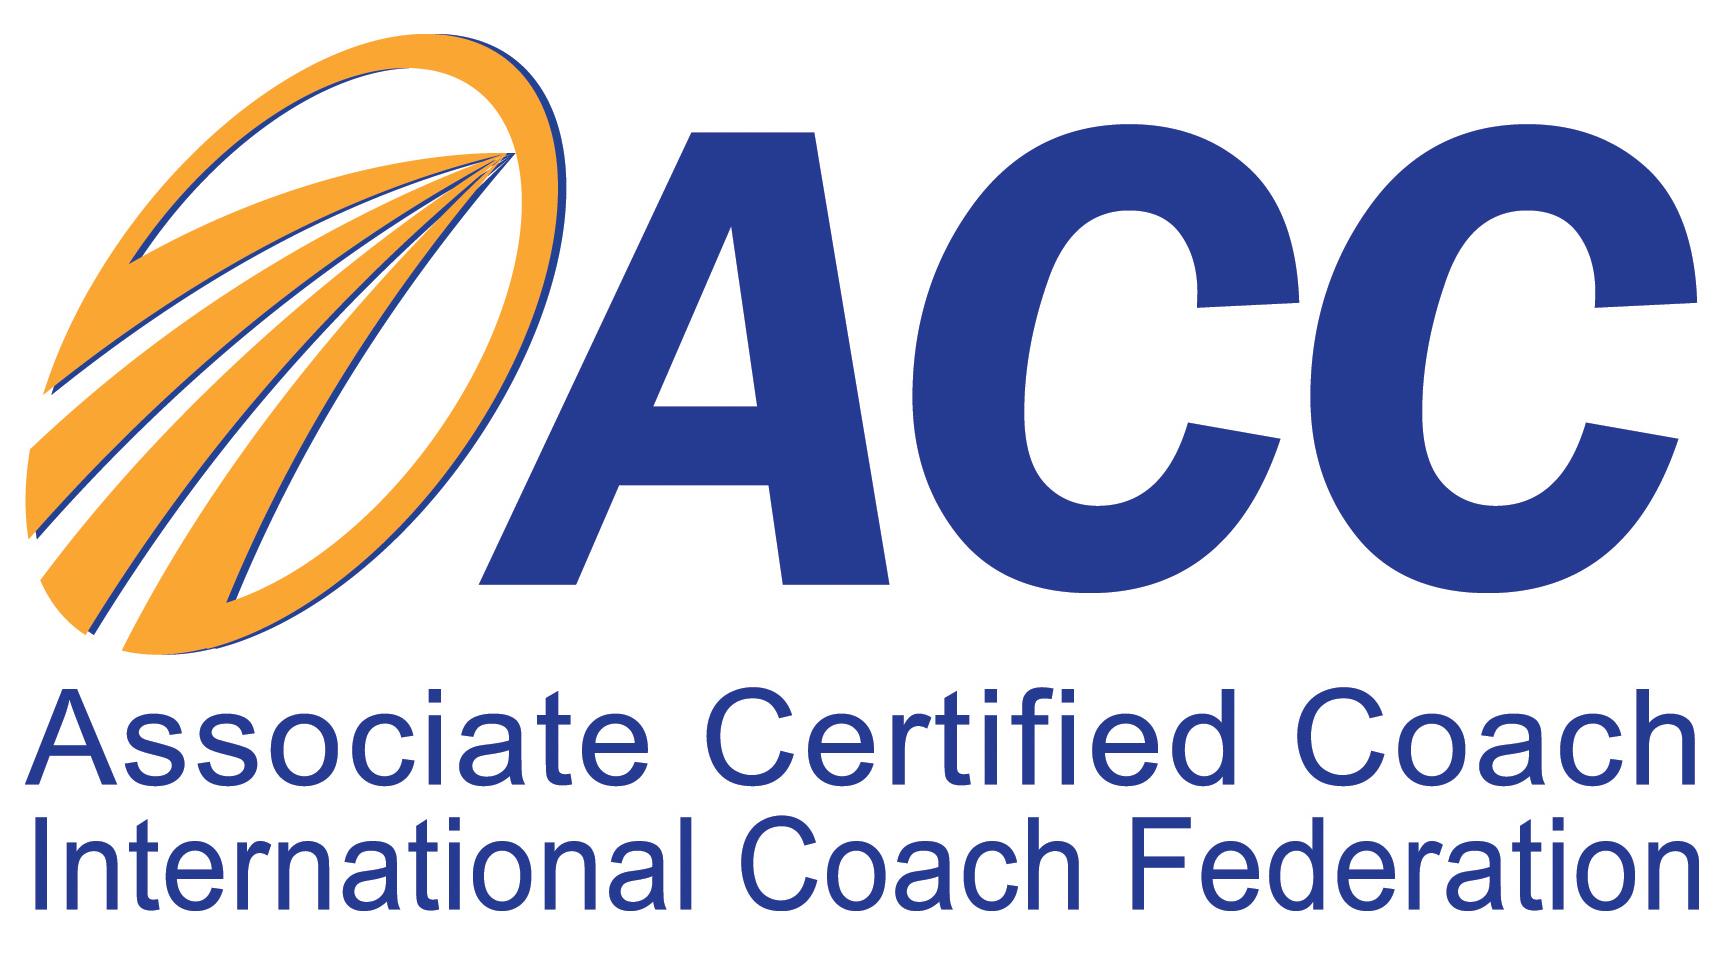 acci-coach-federation.jpg